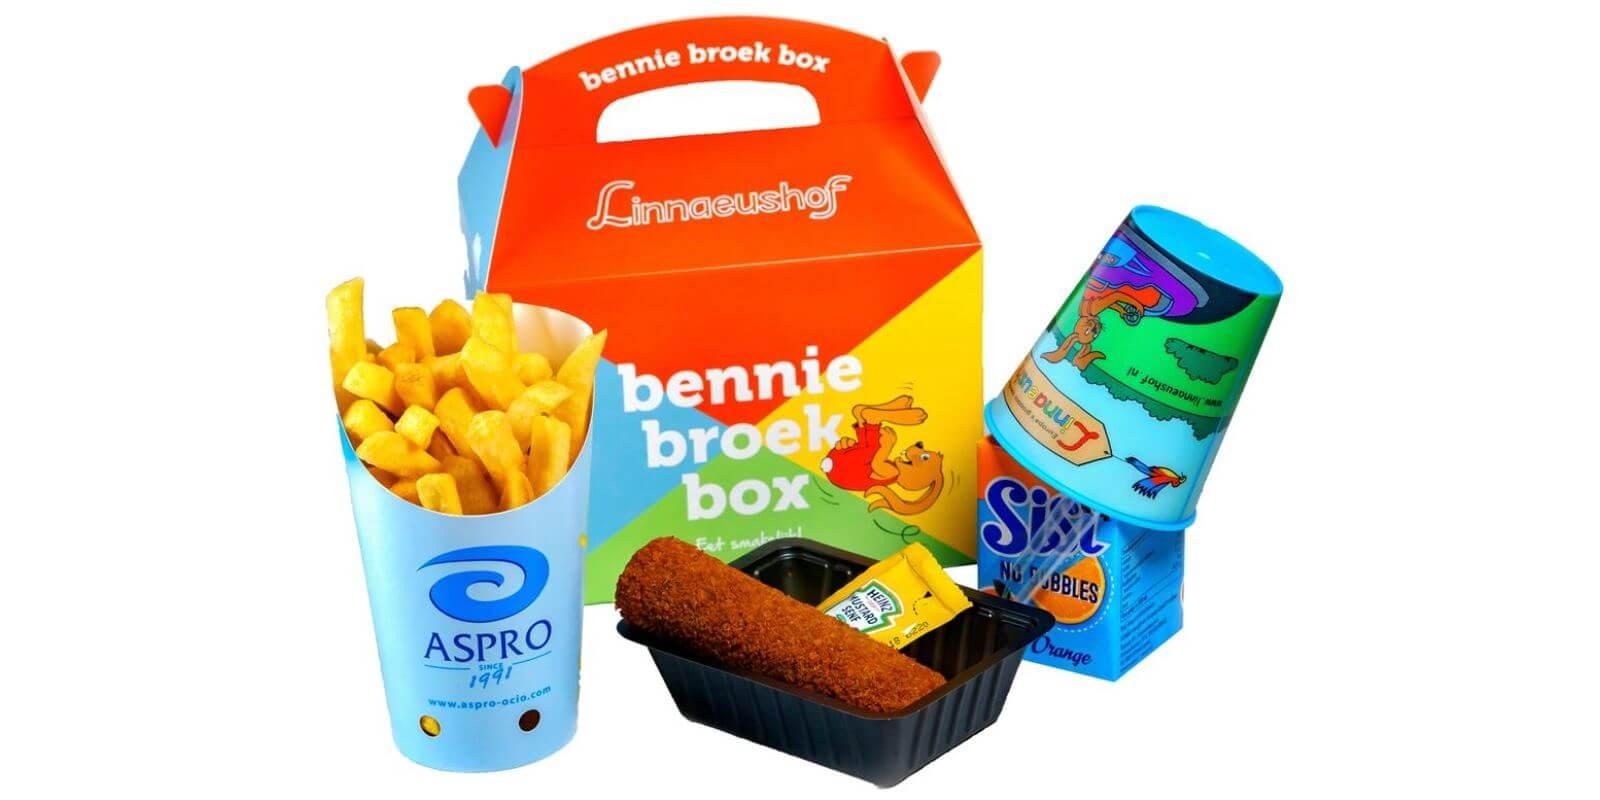 Bennie Broek Box